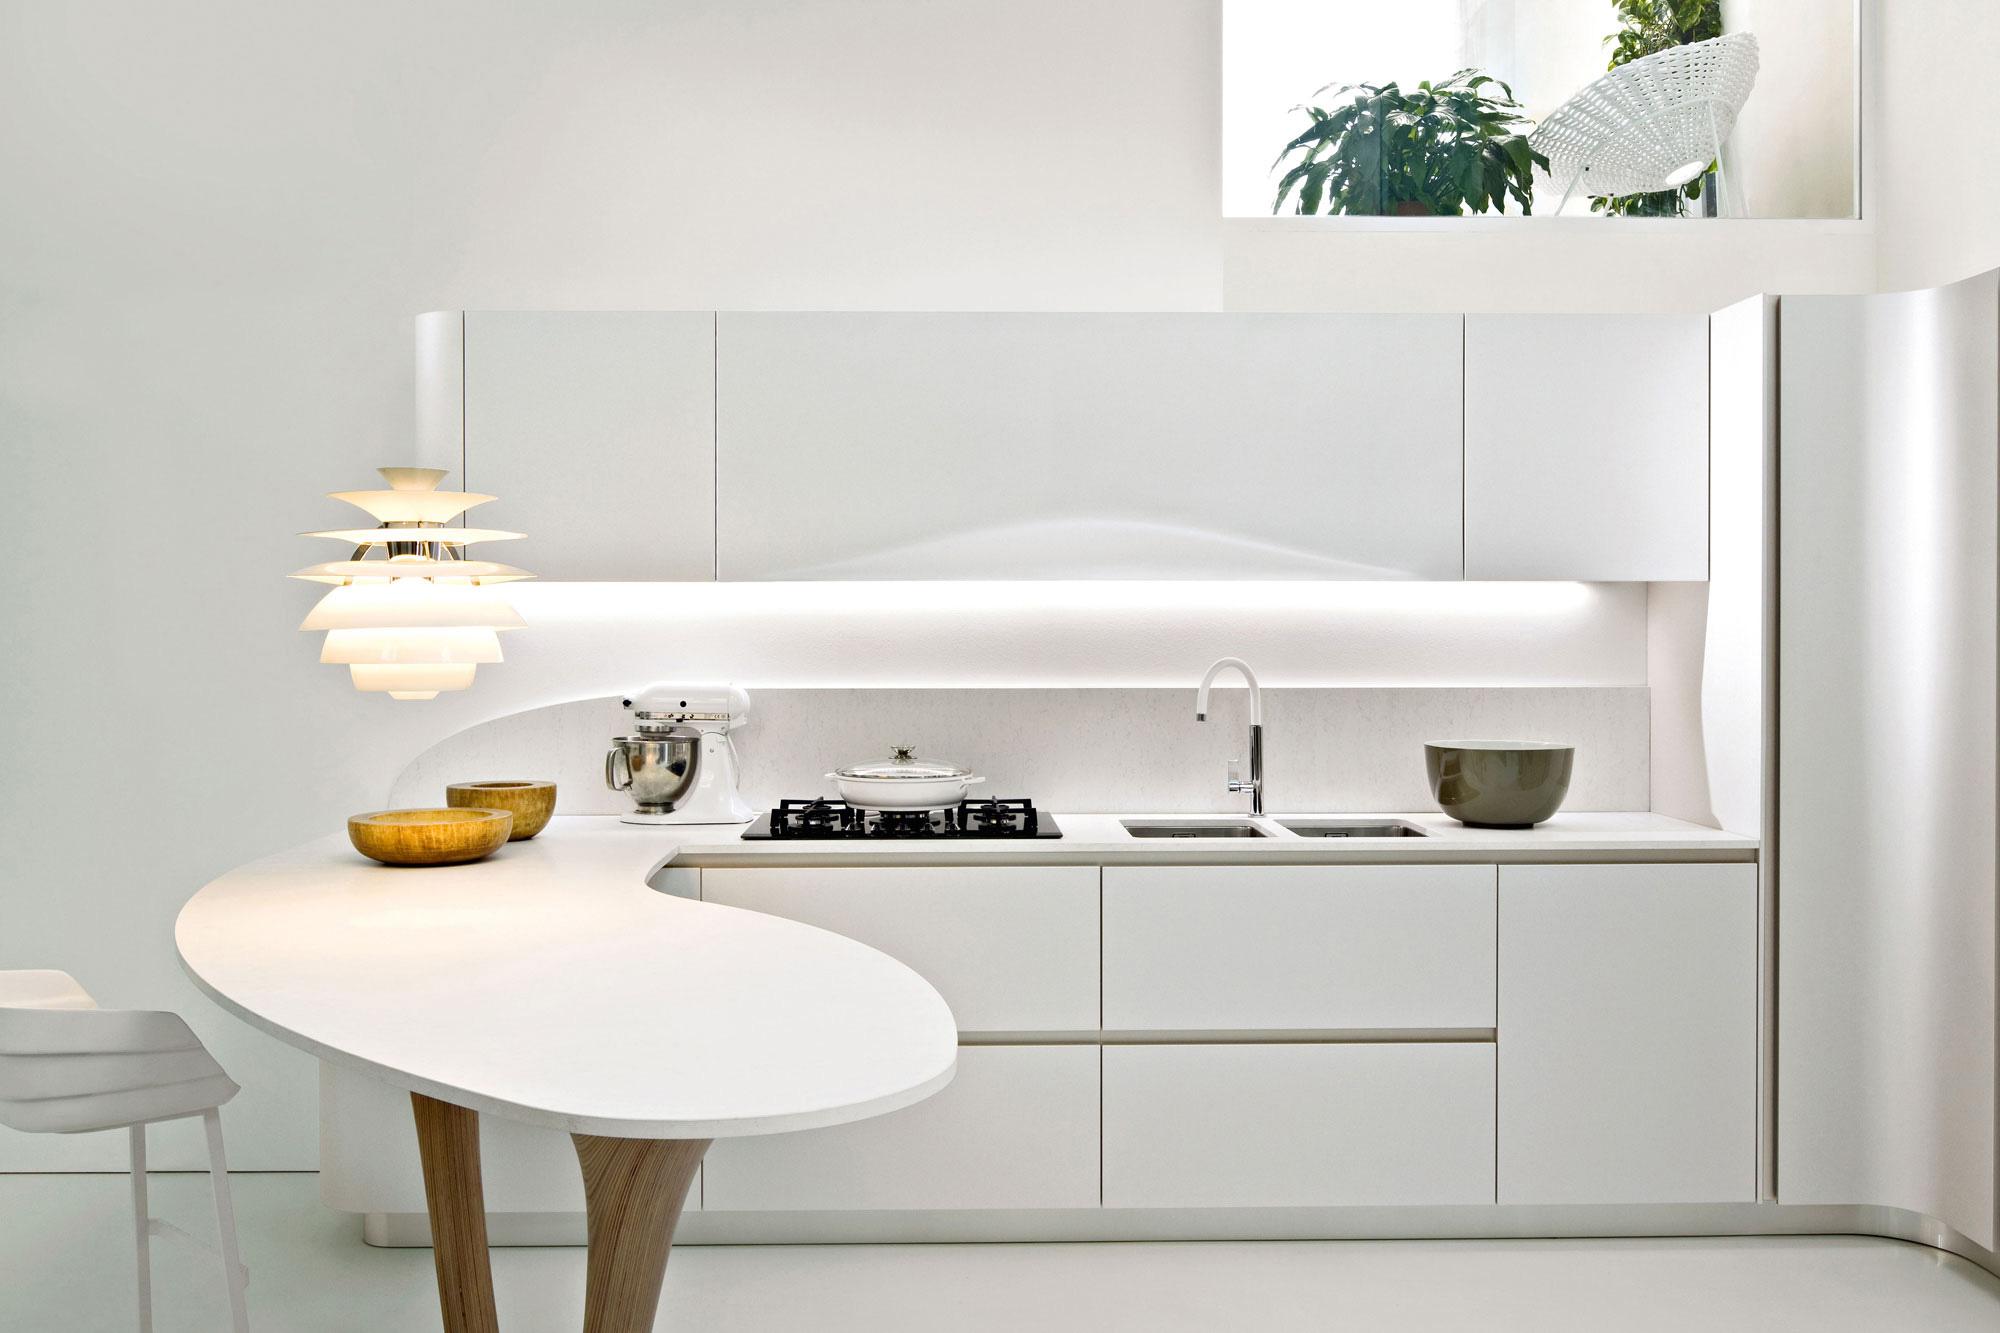 Cucina bianca: cosa scelgo per le pareti? - La Coloratrice